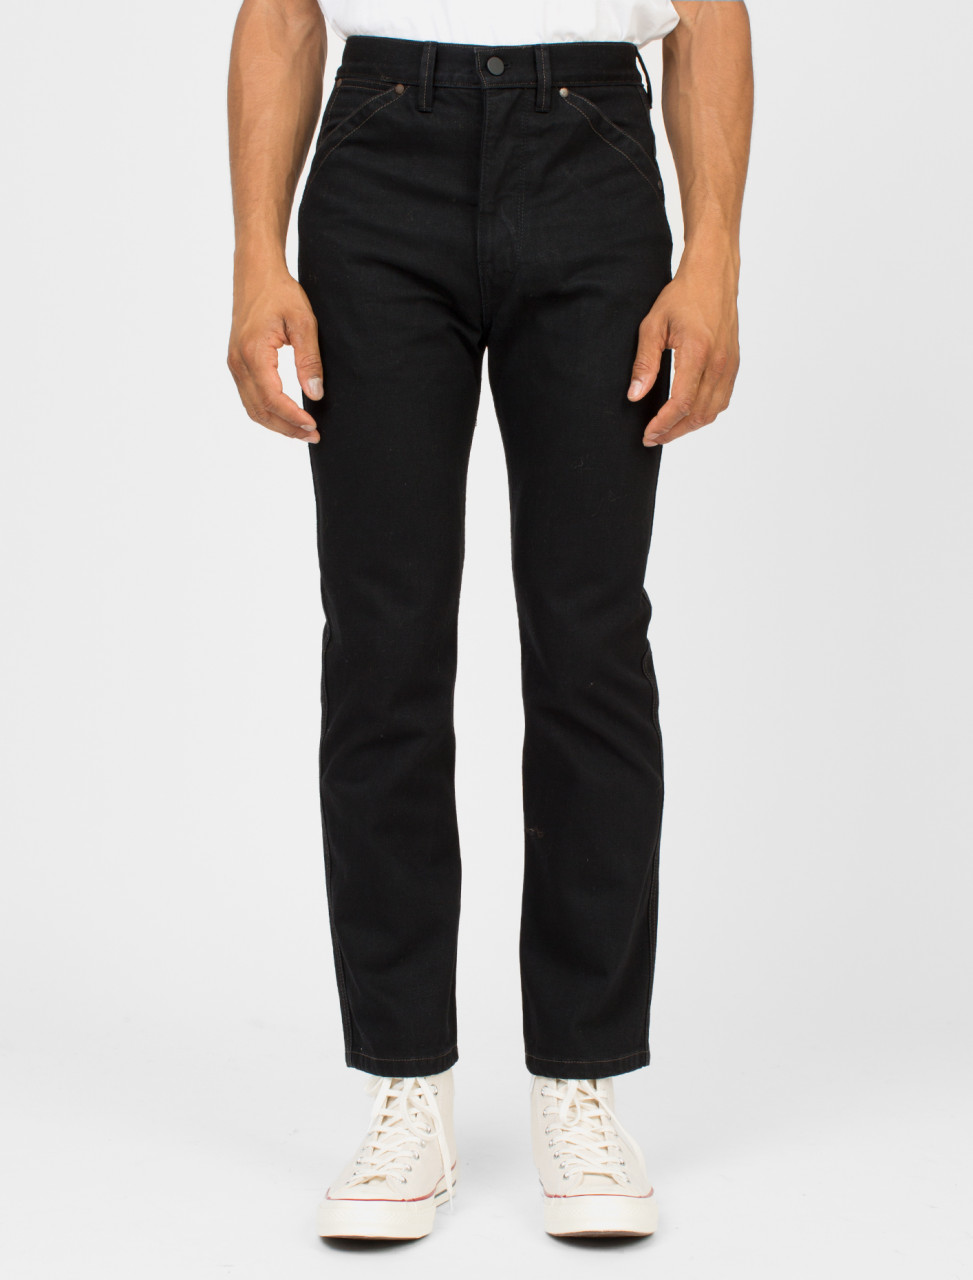 5-Pocket Trouser